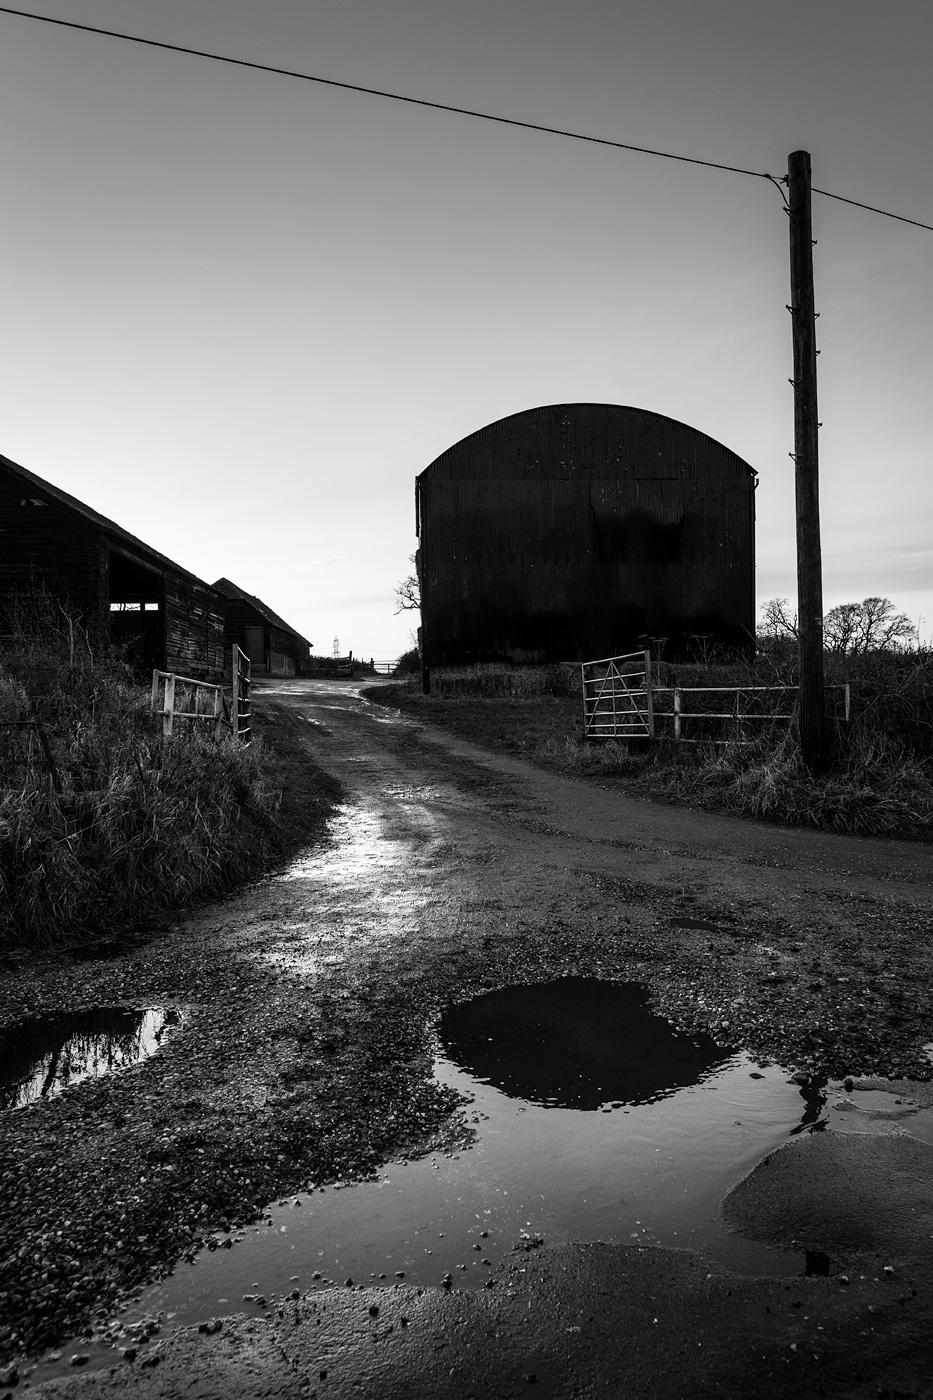 Barn over wet road, Turks Lane, Mortimer Common, Berkshire UK black and white rural documentary landscape portrait photograph © P. Maton 2017 eyeteeth.net